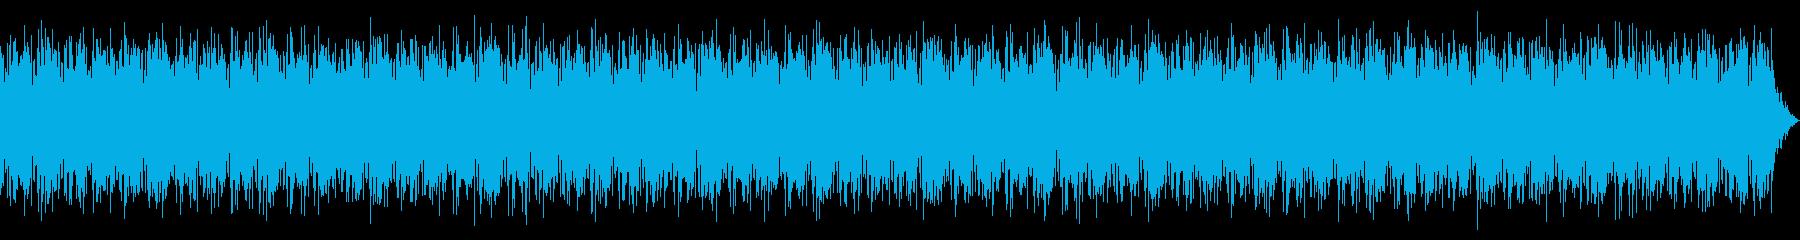 ゆるキャンプ・アウトドア ほのぼのBGMの再生済みの波形